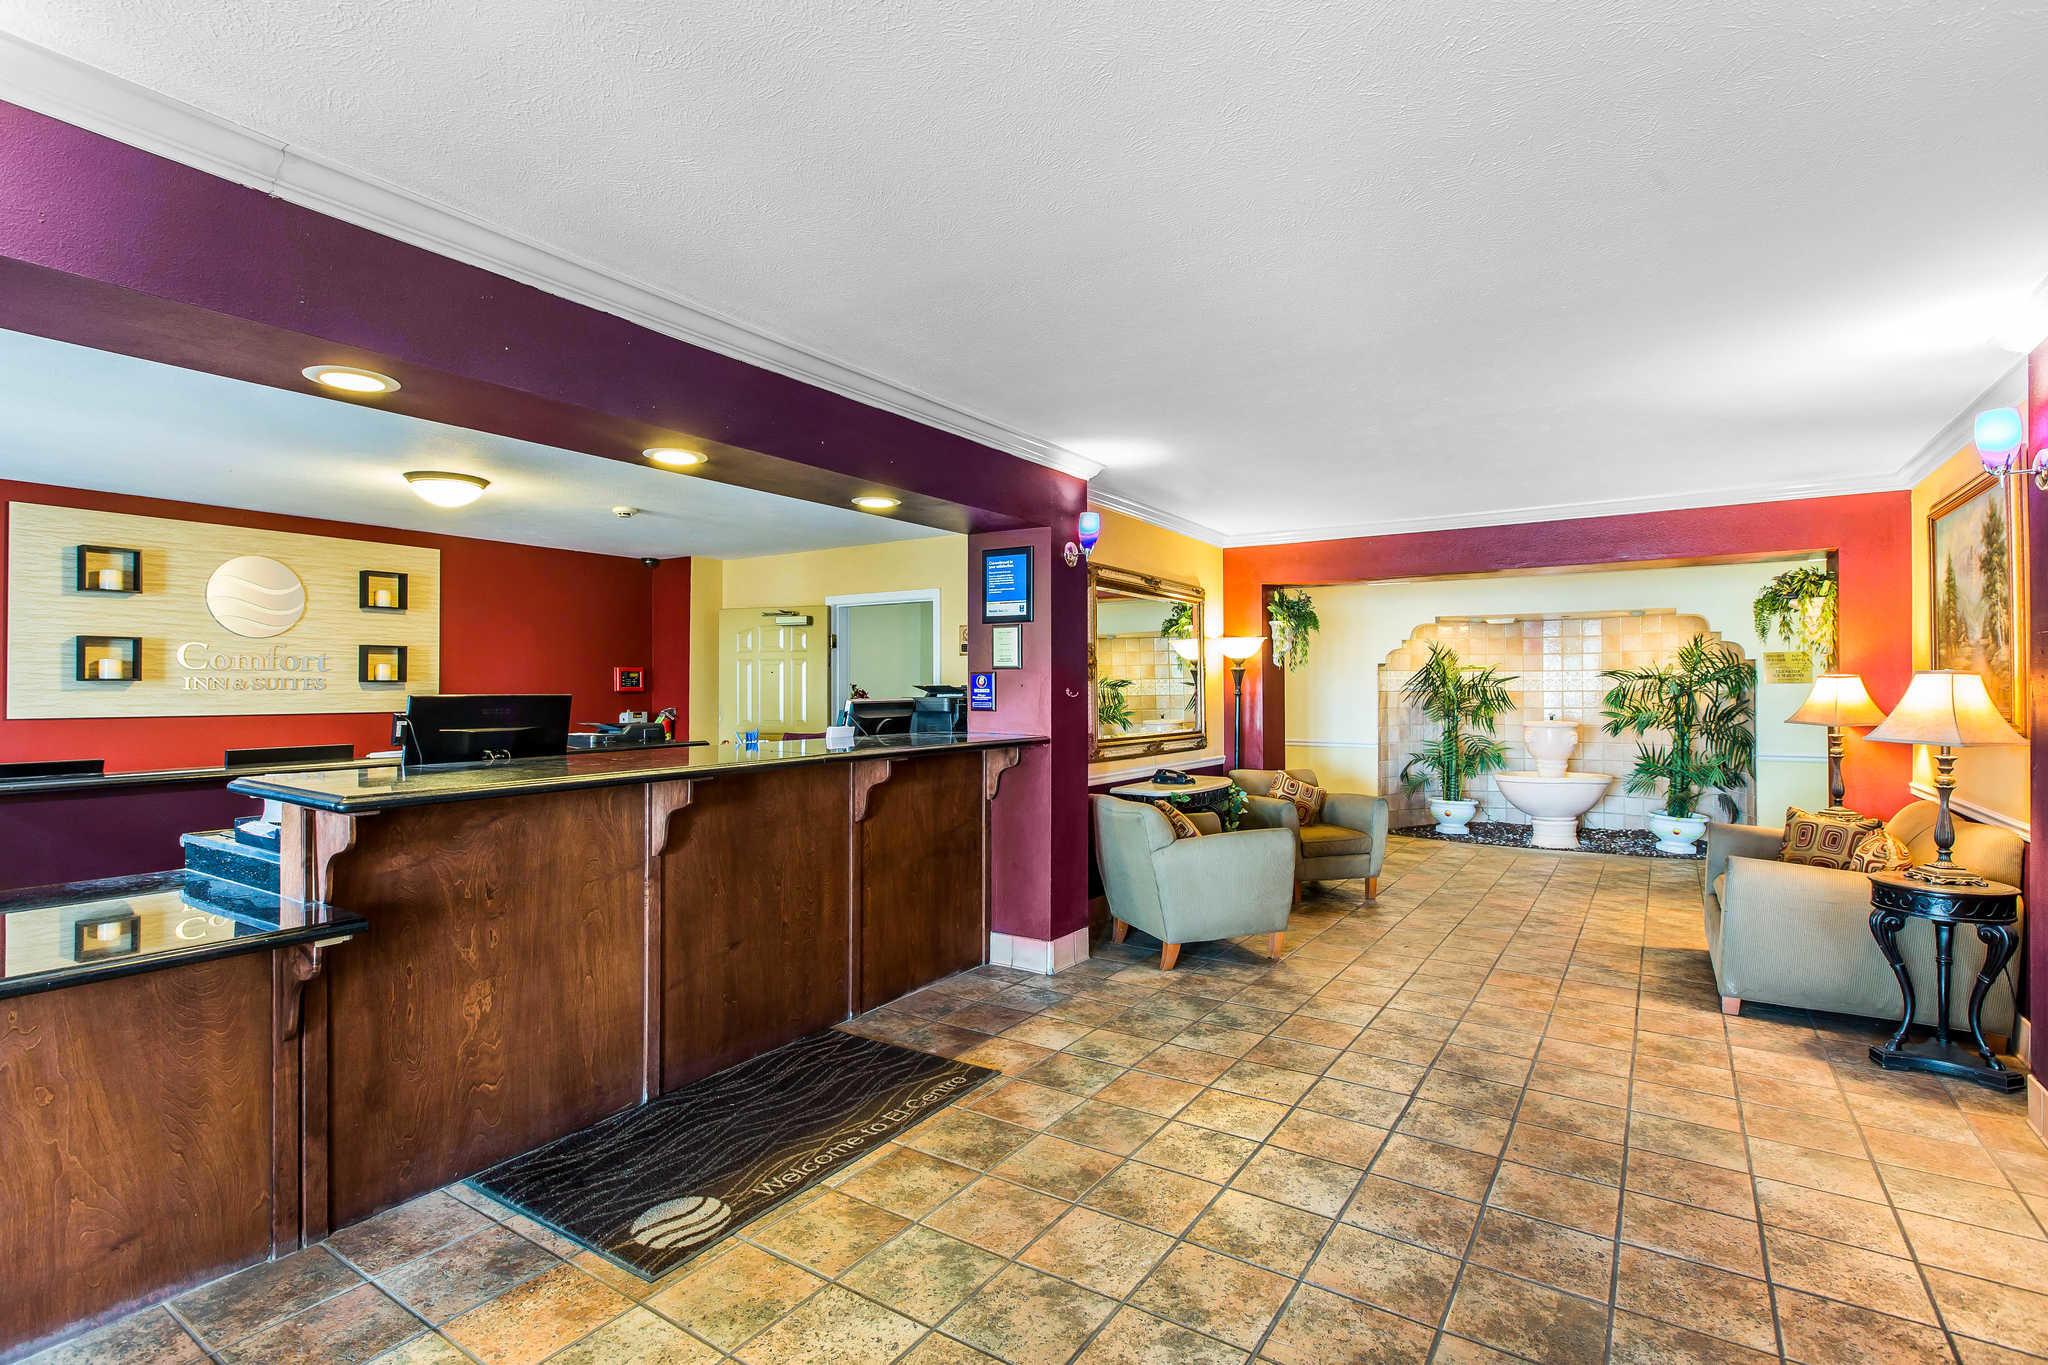 Comfort Inn & Suites El Centro I-8 image 4